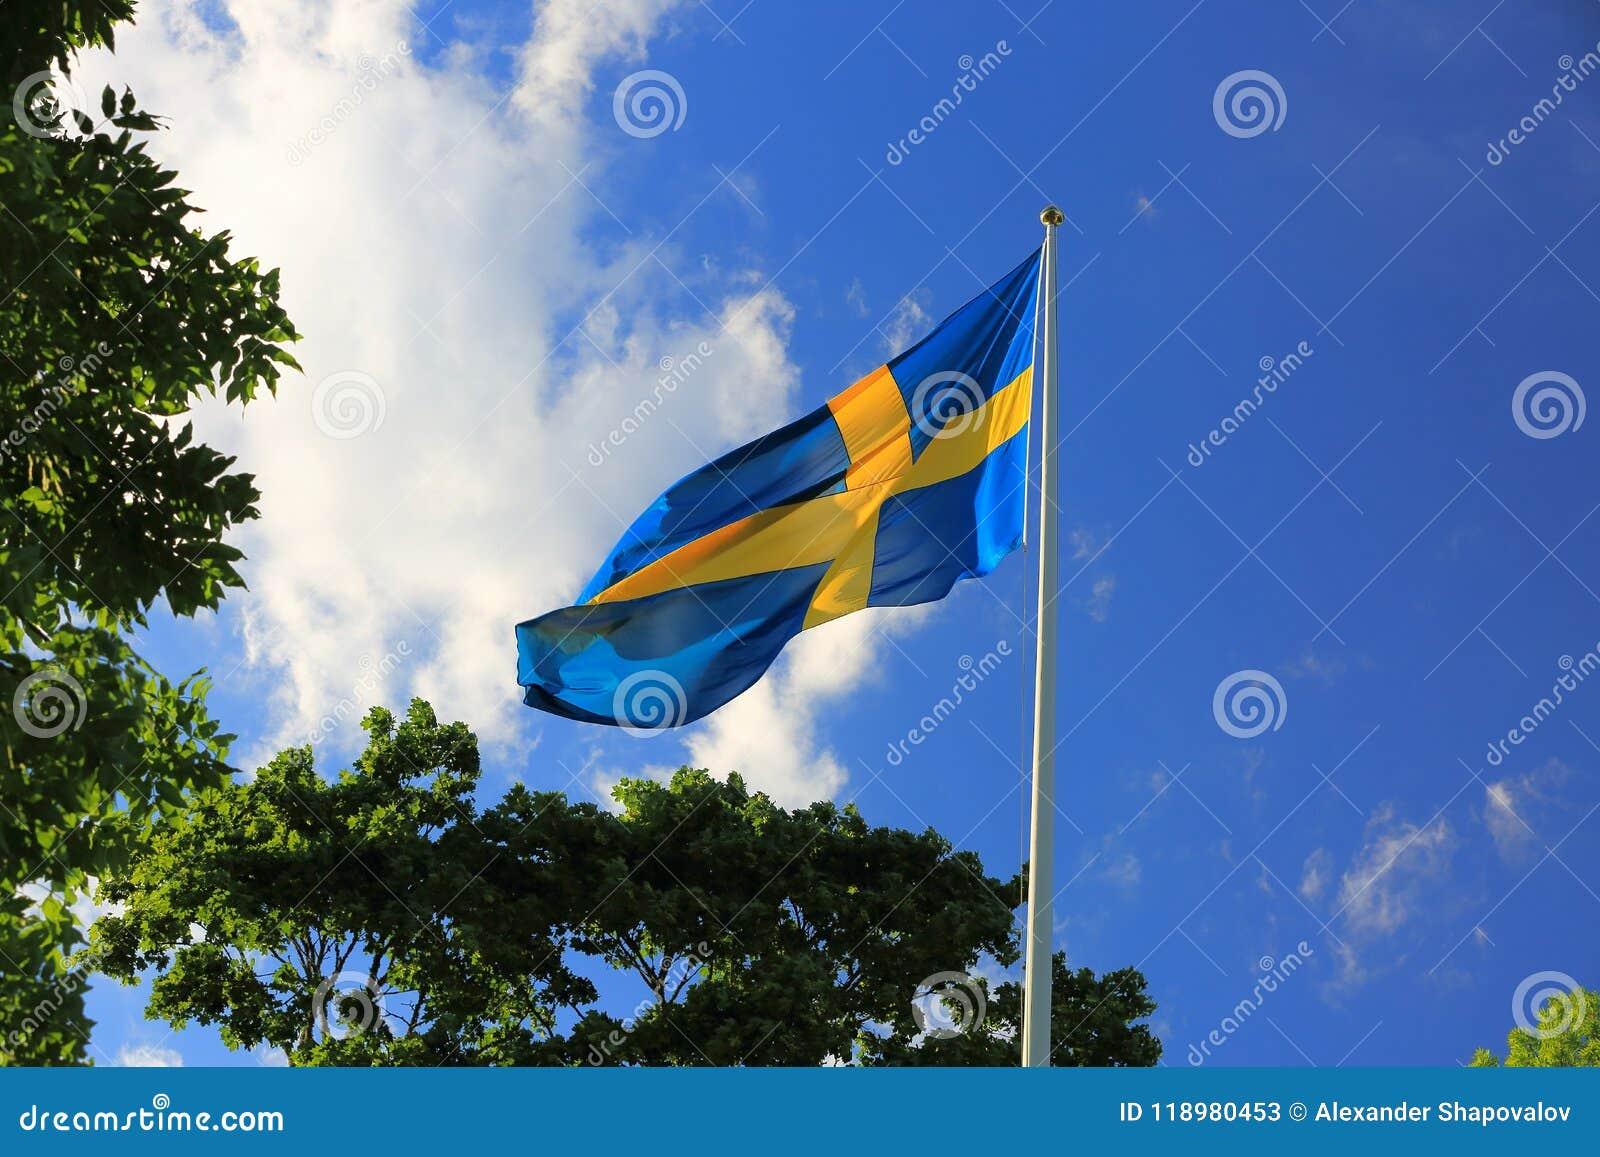 Den härliga sikten av svensk sjunker på gröna träd, och blå himmel med vit fördunklar bakgrund